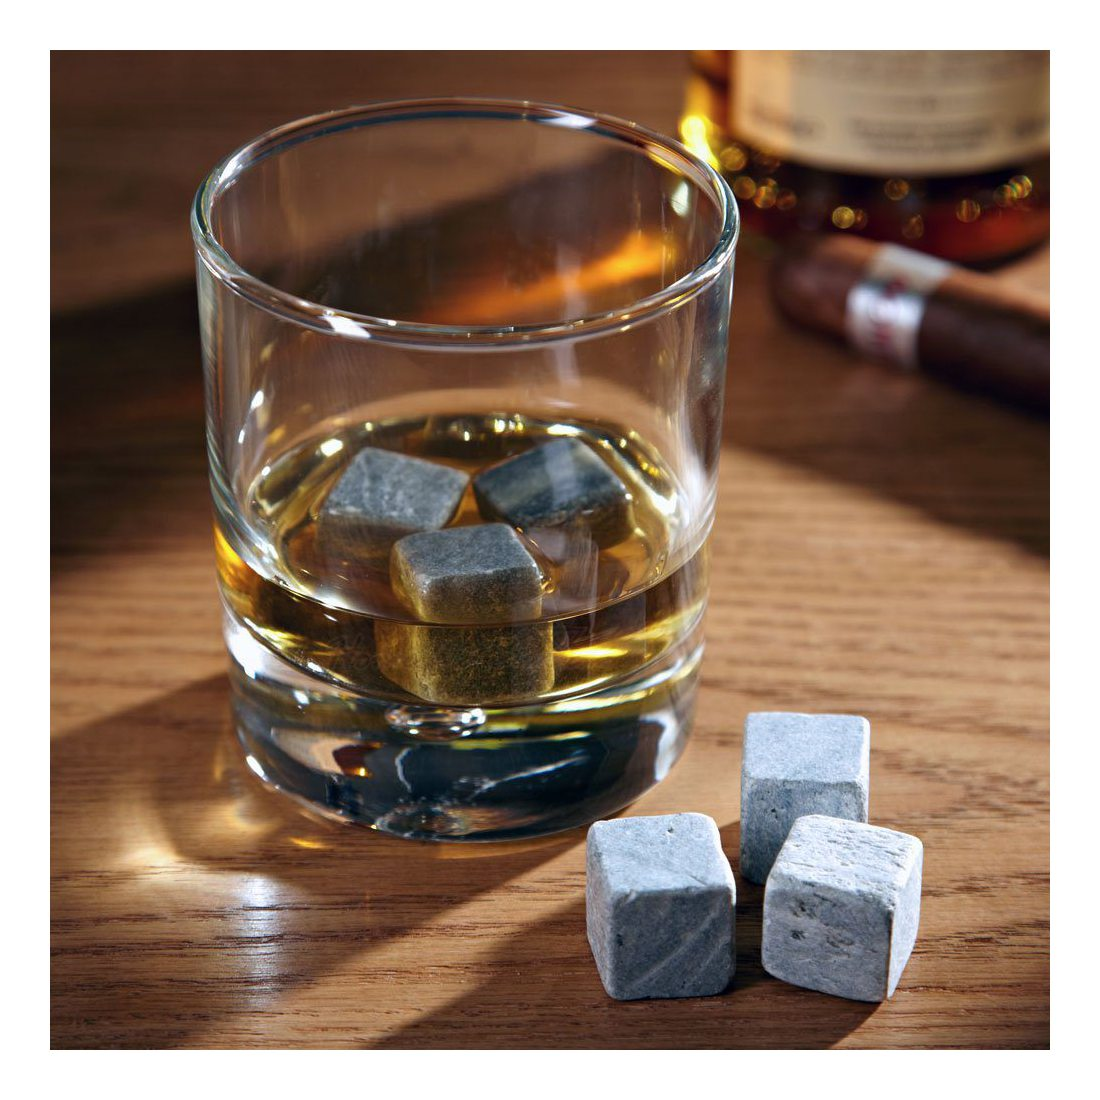 Amerigo Pierre a Whisky de Haute Qualité de Édulcoler Votre Whisky? Plus jamais! Ensemble de Cadeaux Glacon Reutilisable - Wh